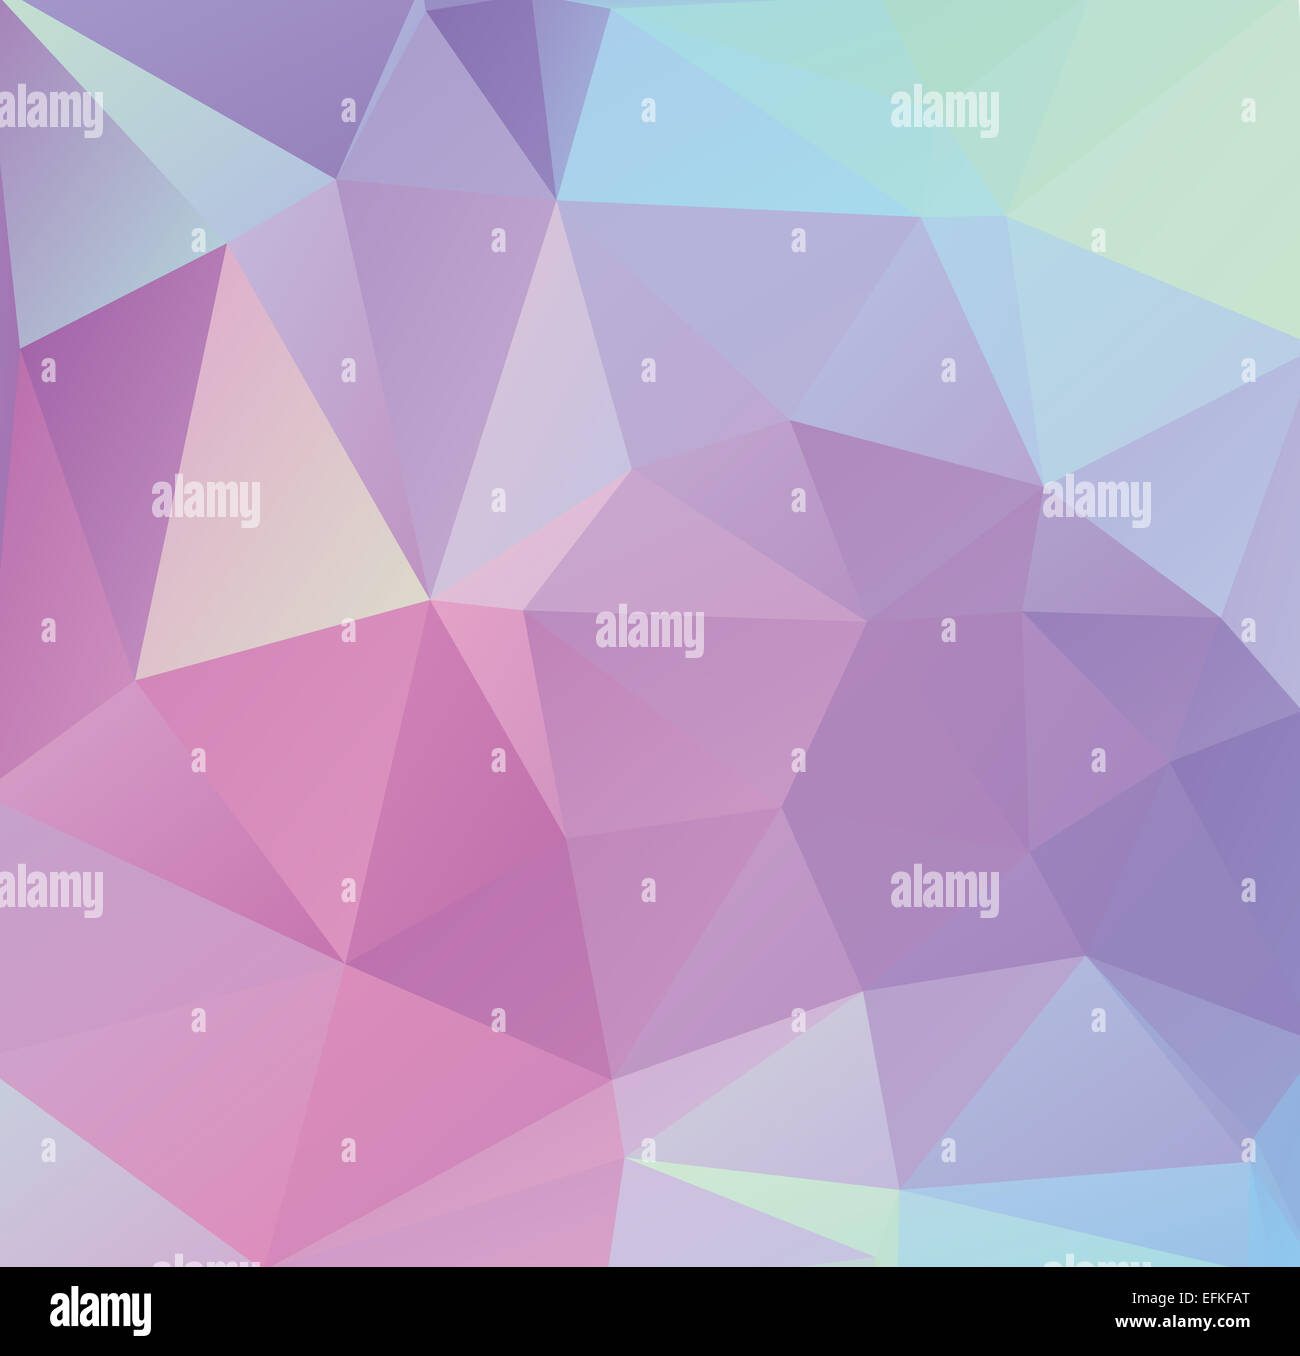 Polygone Avec Pastel Géométrique Triangle Forme Paramétrique Banque